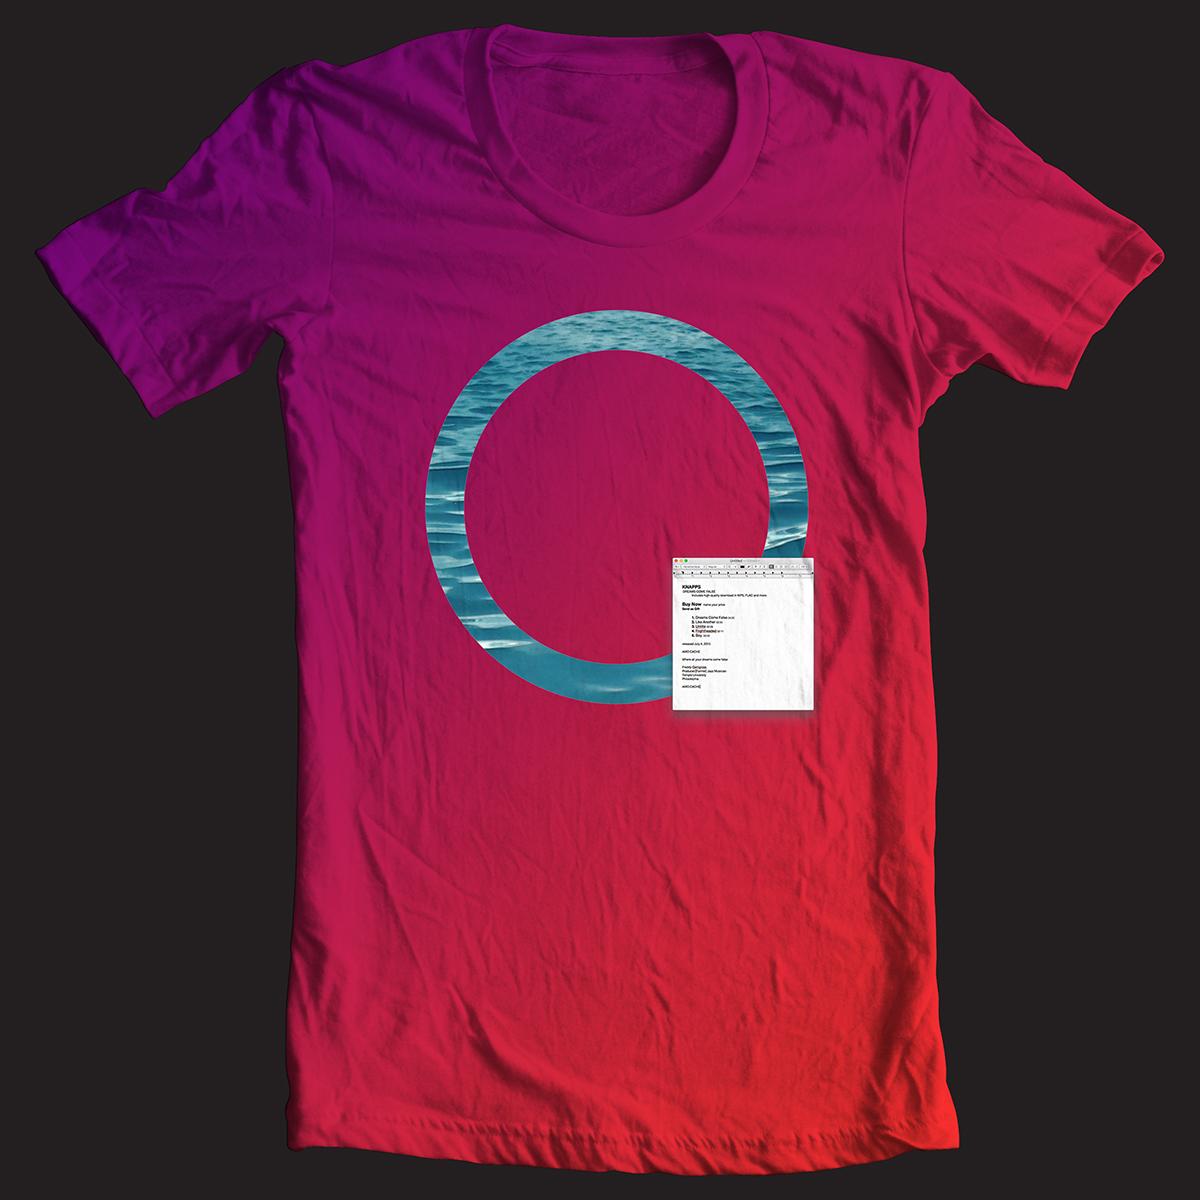 shirt_knapps.jpg